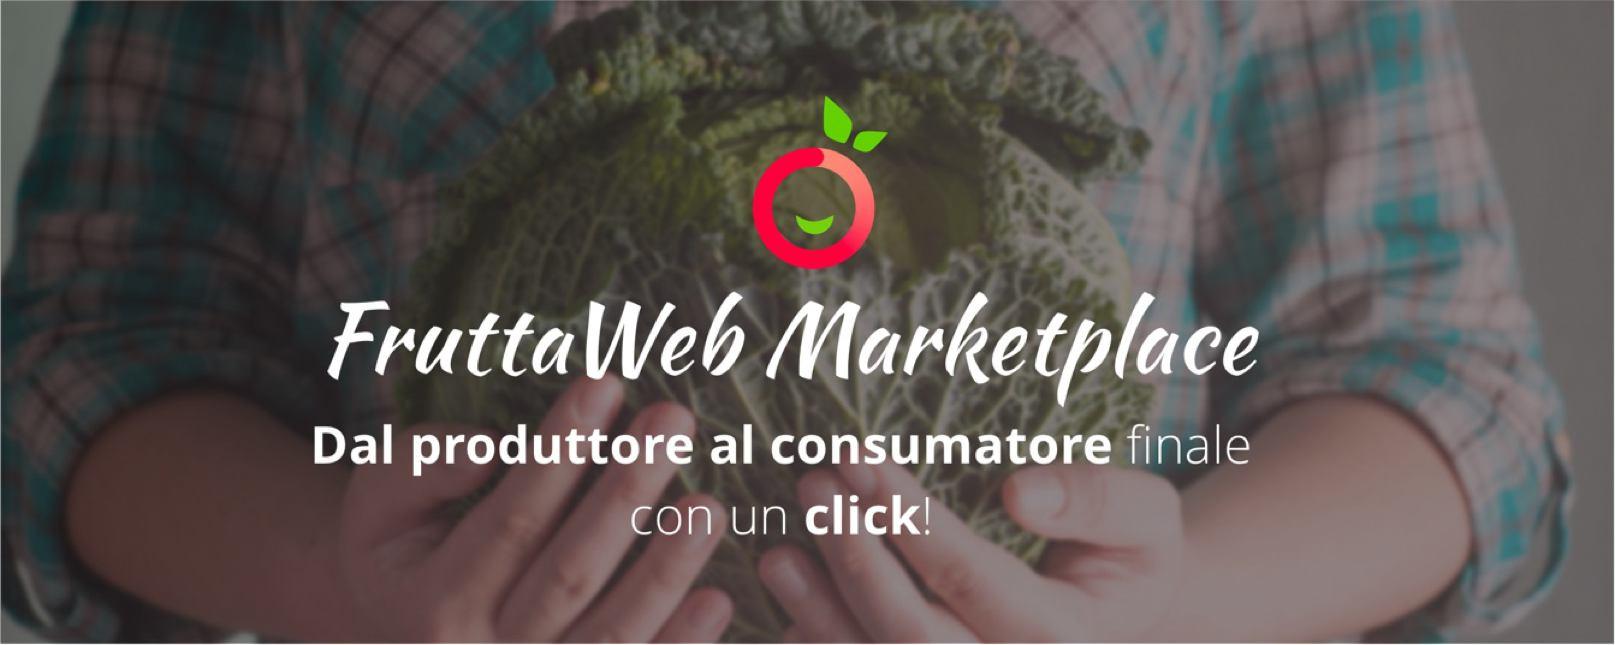 Scopri come vendere i tuoi prodotti su FruttaWeb